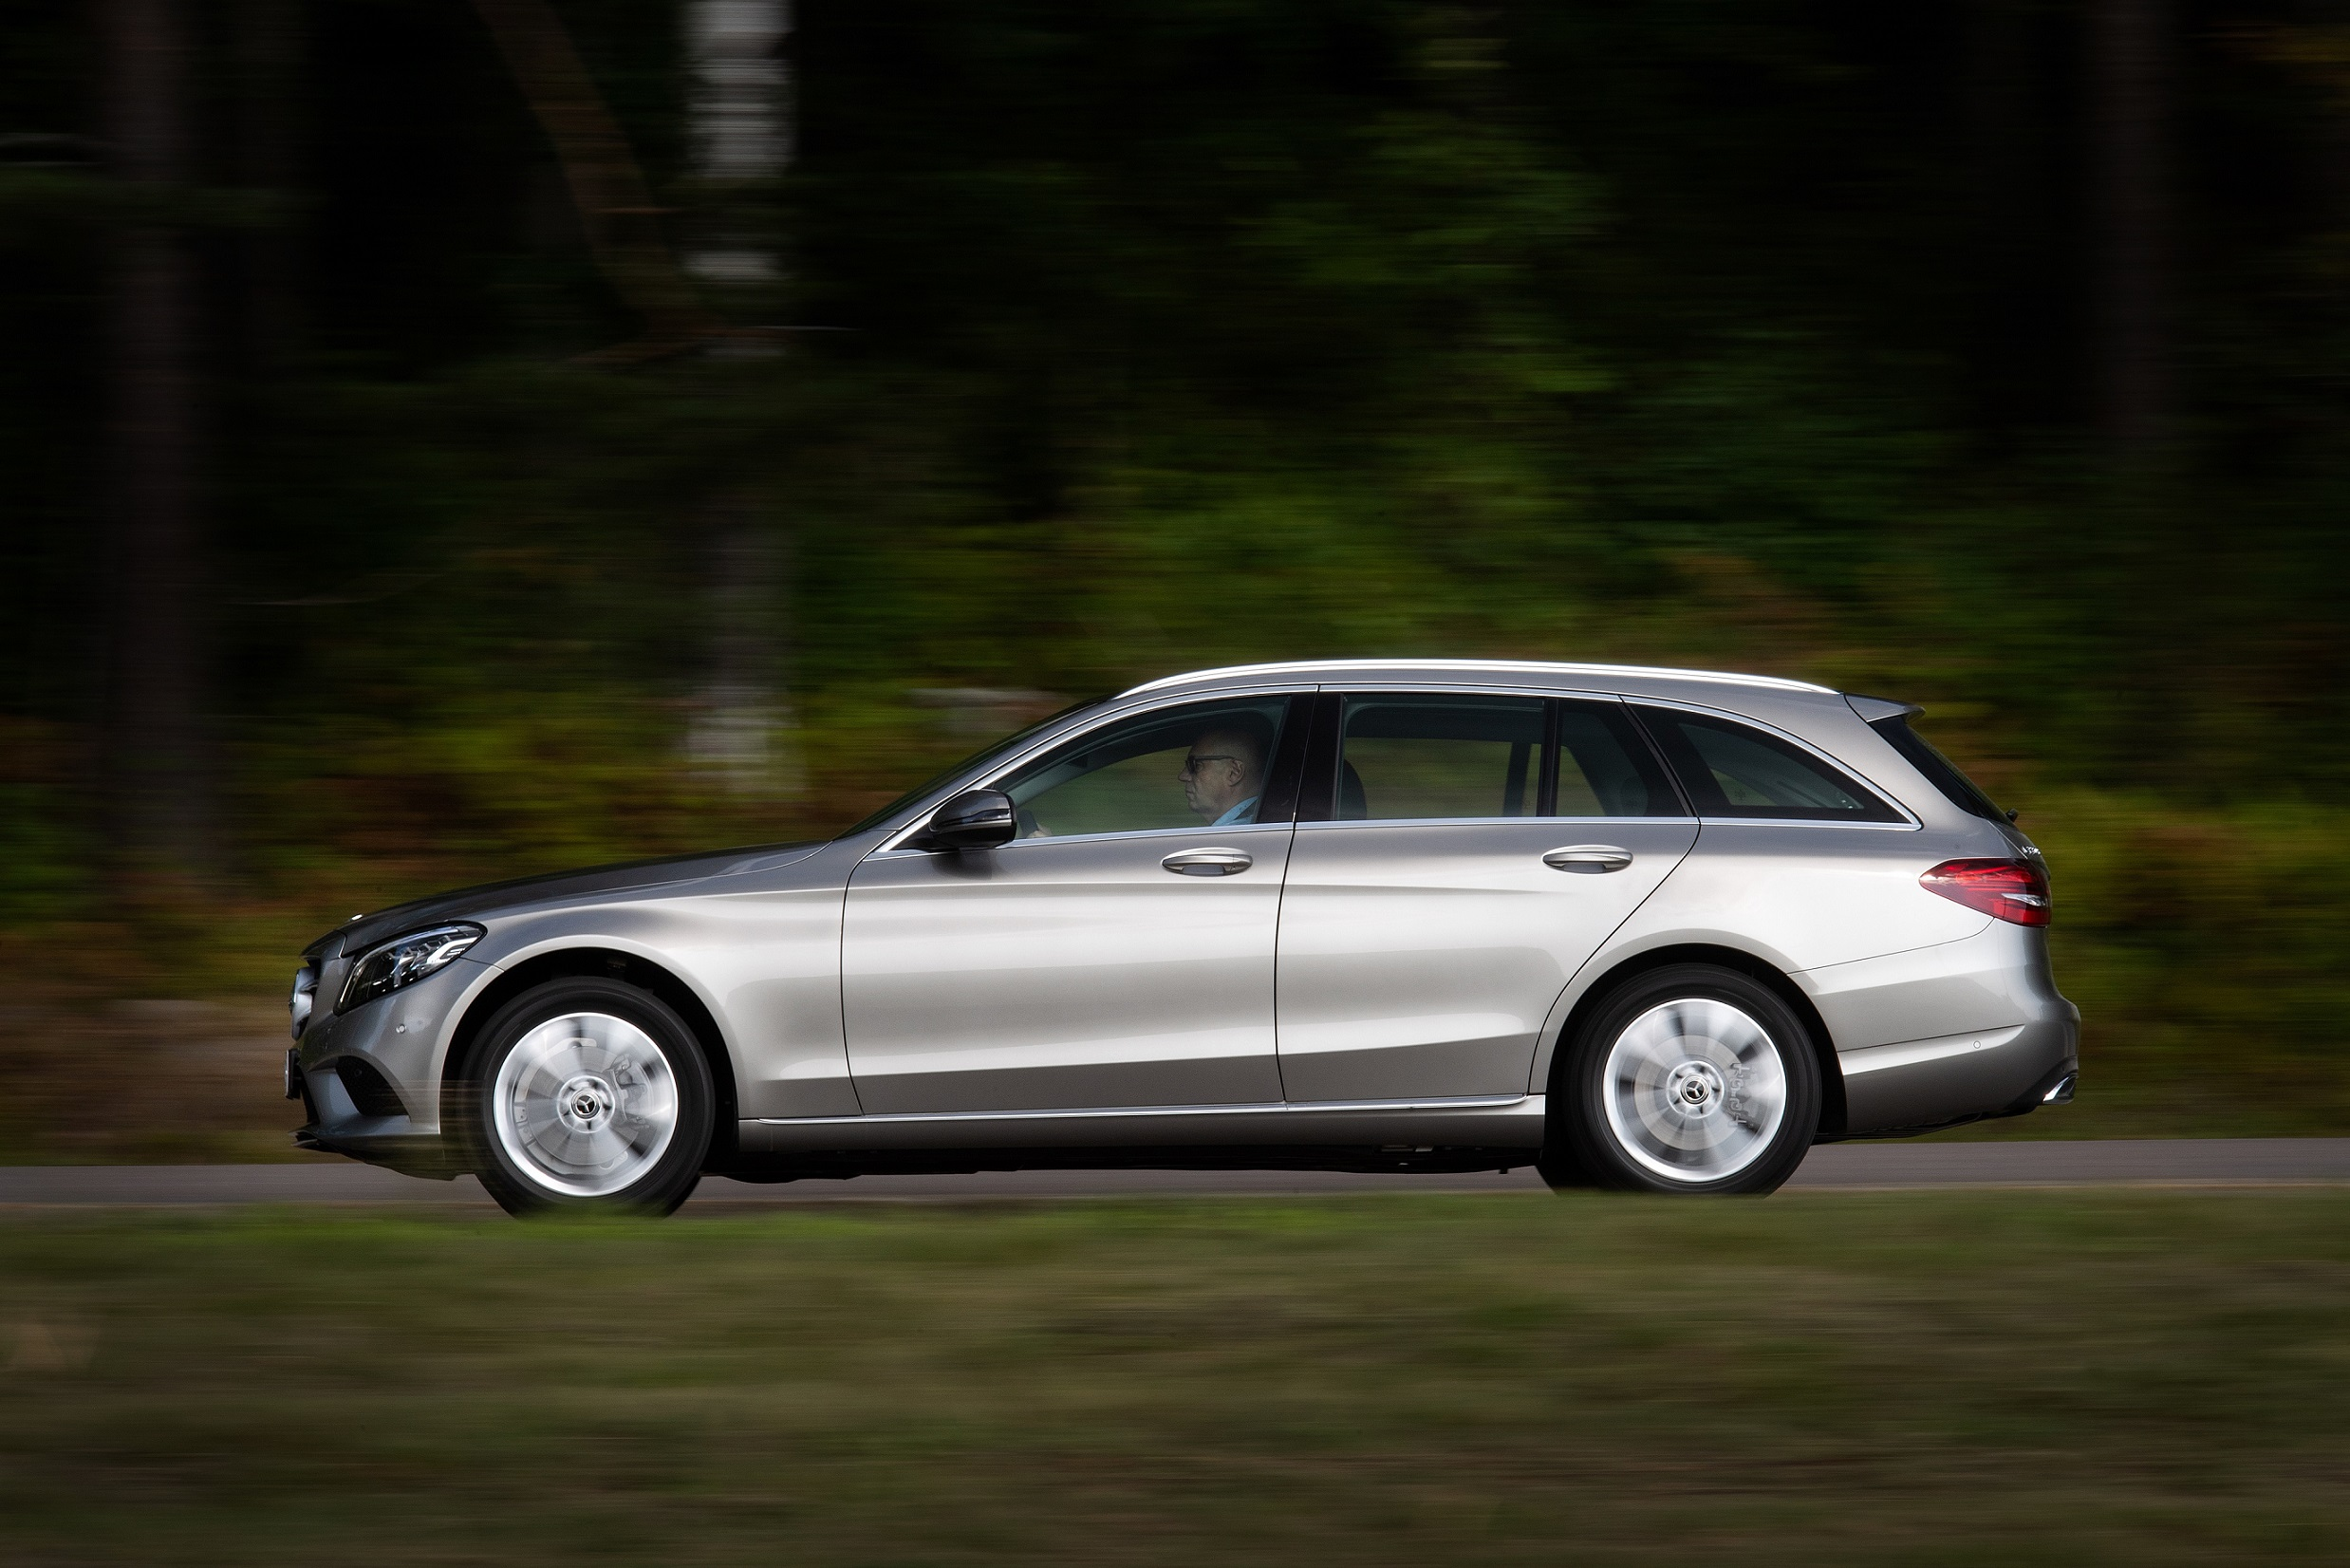 Yleisöllä mahdollisuus koeajaa 14 erilaista Mercedes-Benziä Auto 2018 -tapahtumassa